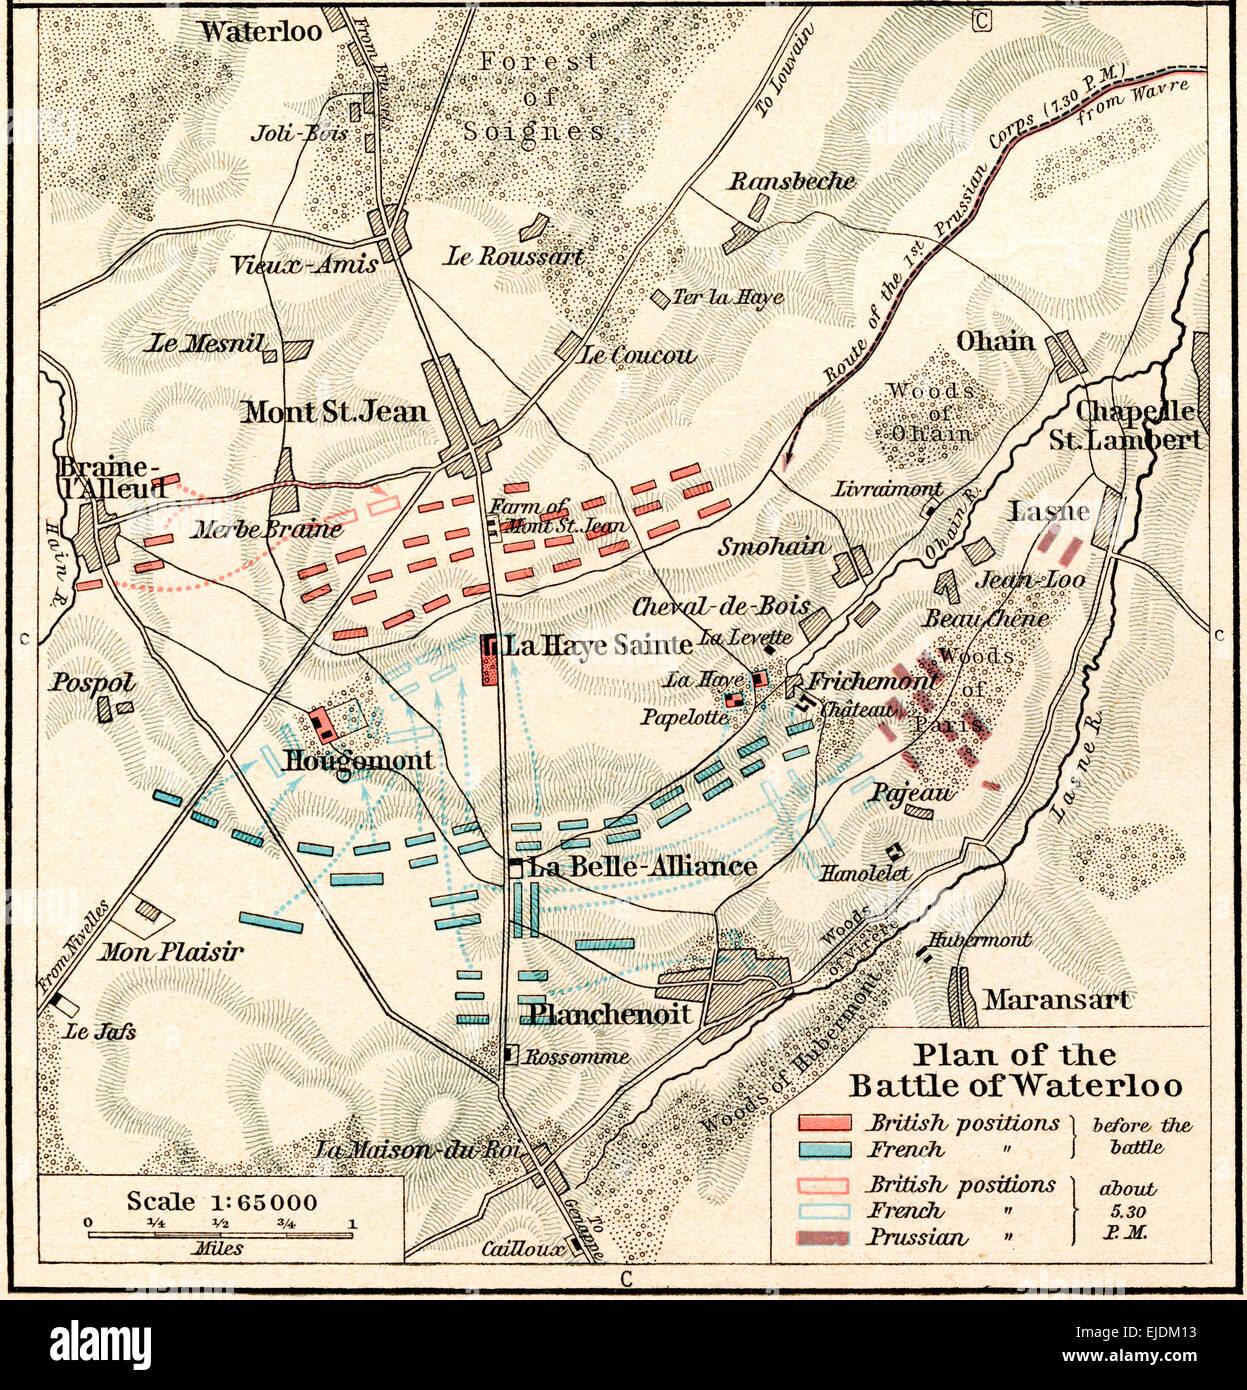 El plan de la batalla de Waterloo, Junio 16-18, 1815. Desde Atlas Histórico, publicado en 1923. Imagen De Stock